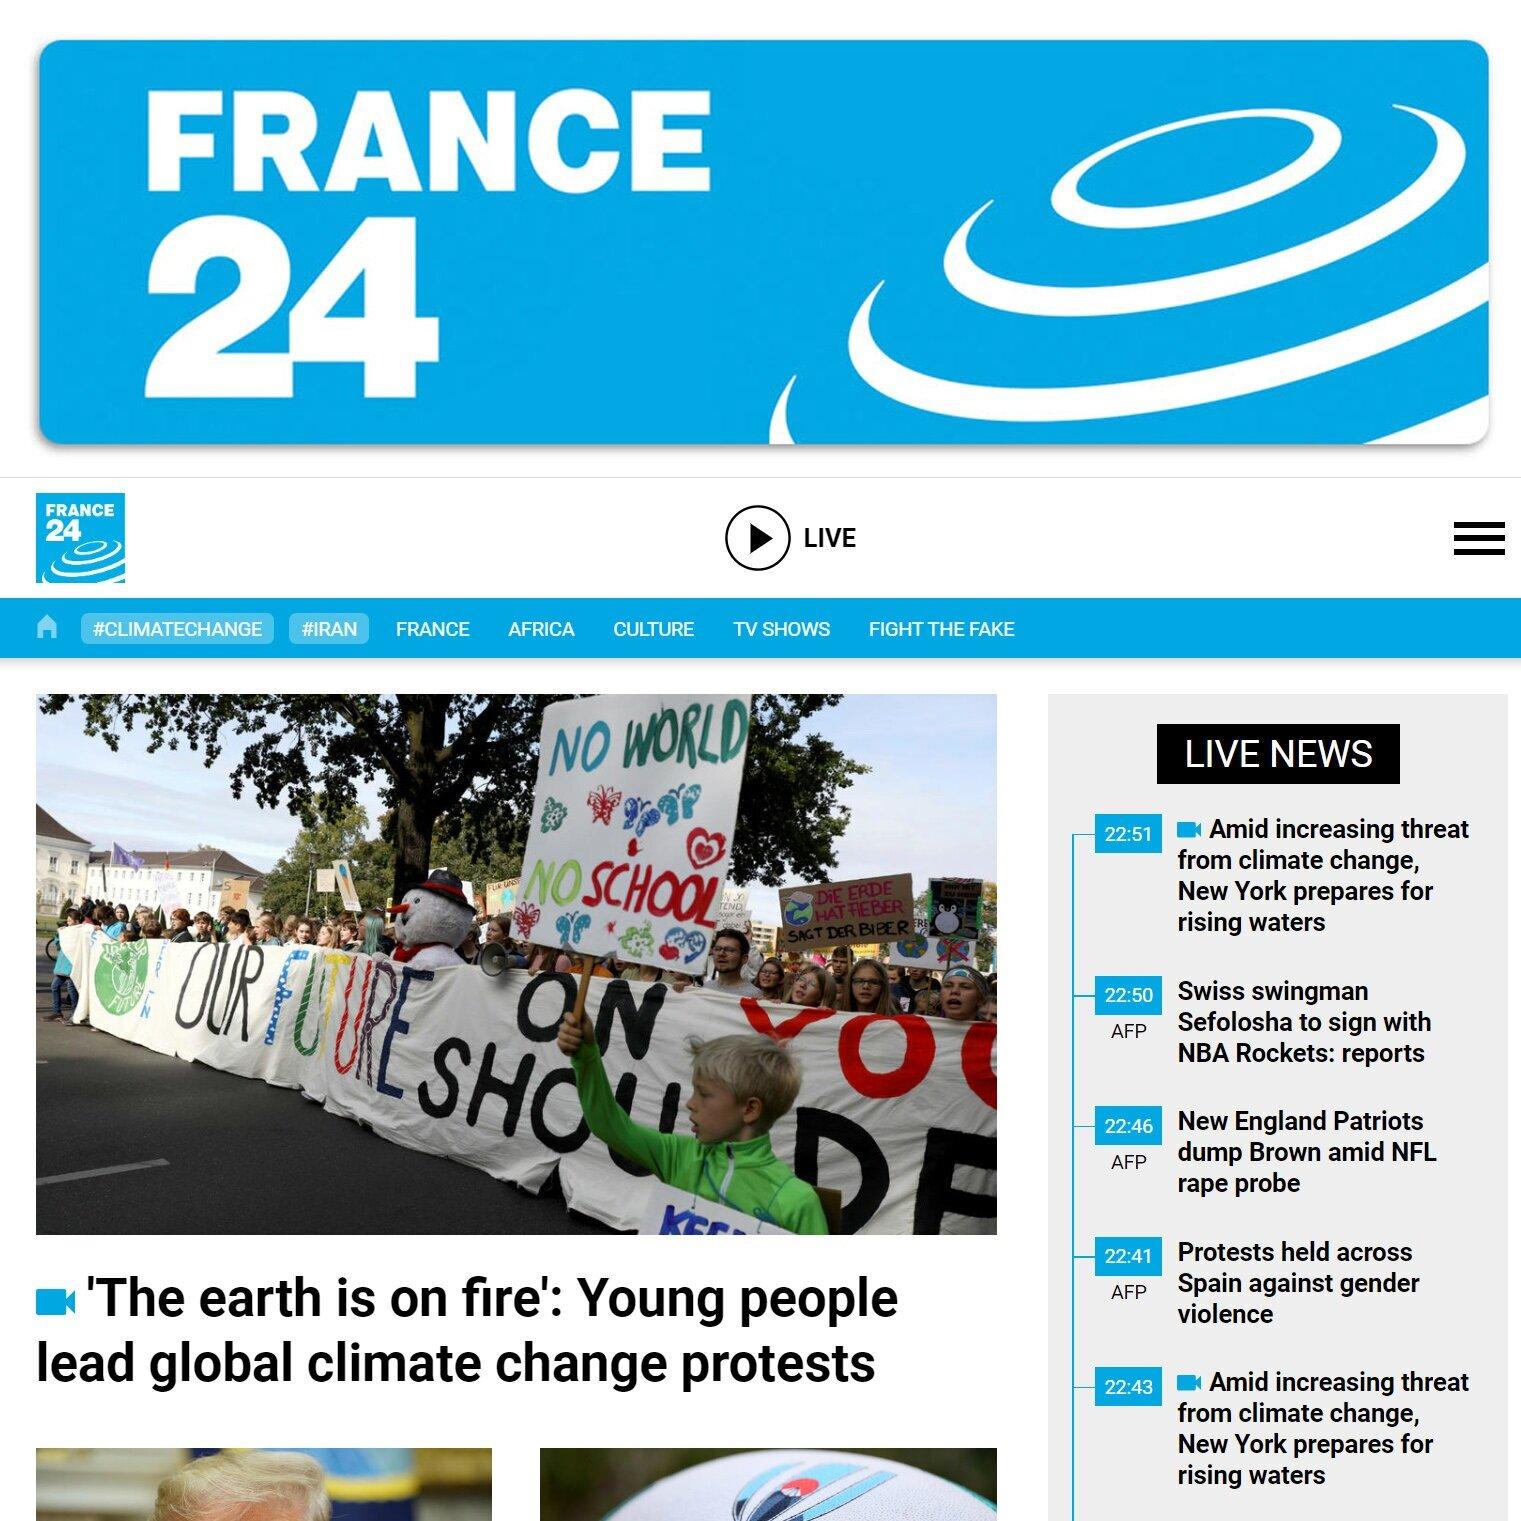 France+24.jpg